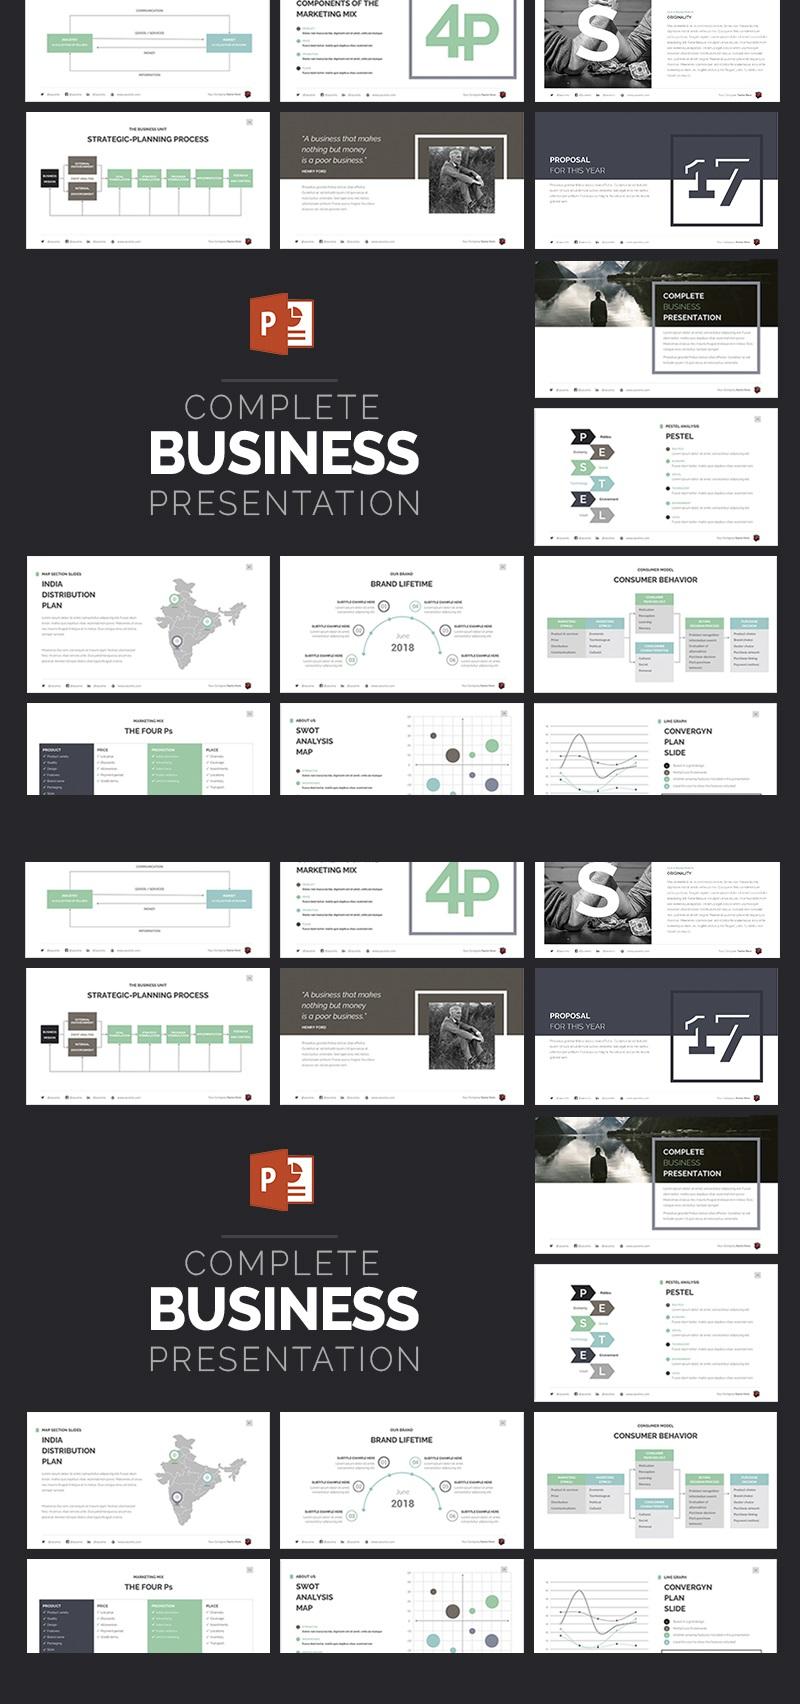 Пример презентации стратегии развития компании №63510 - скриншот